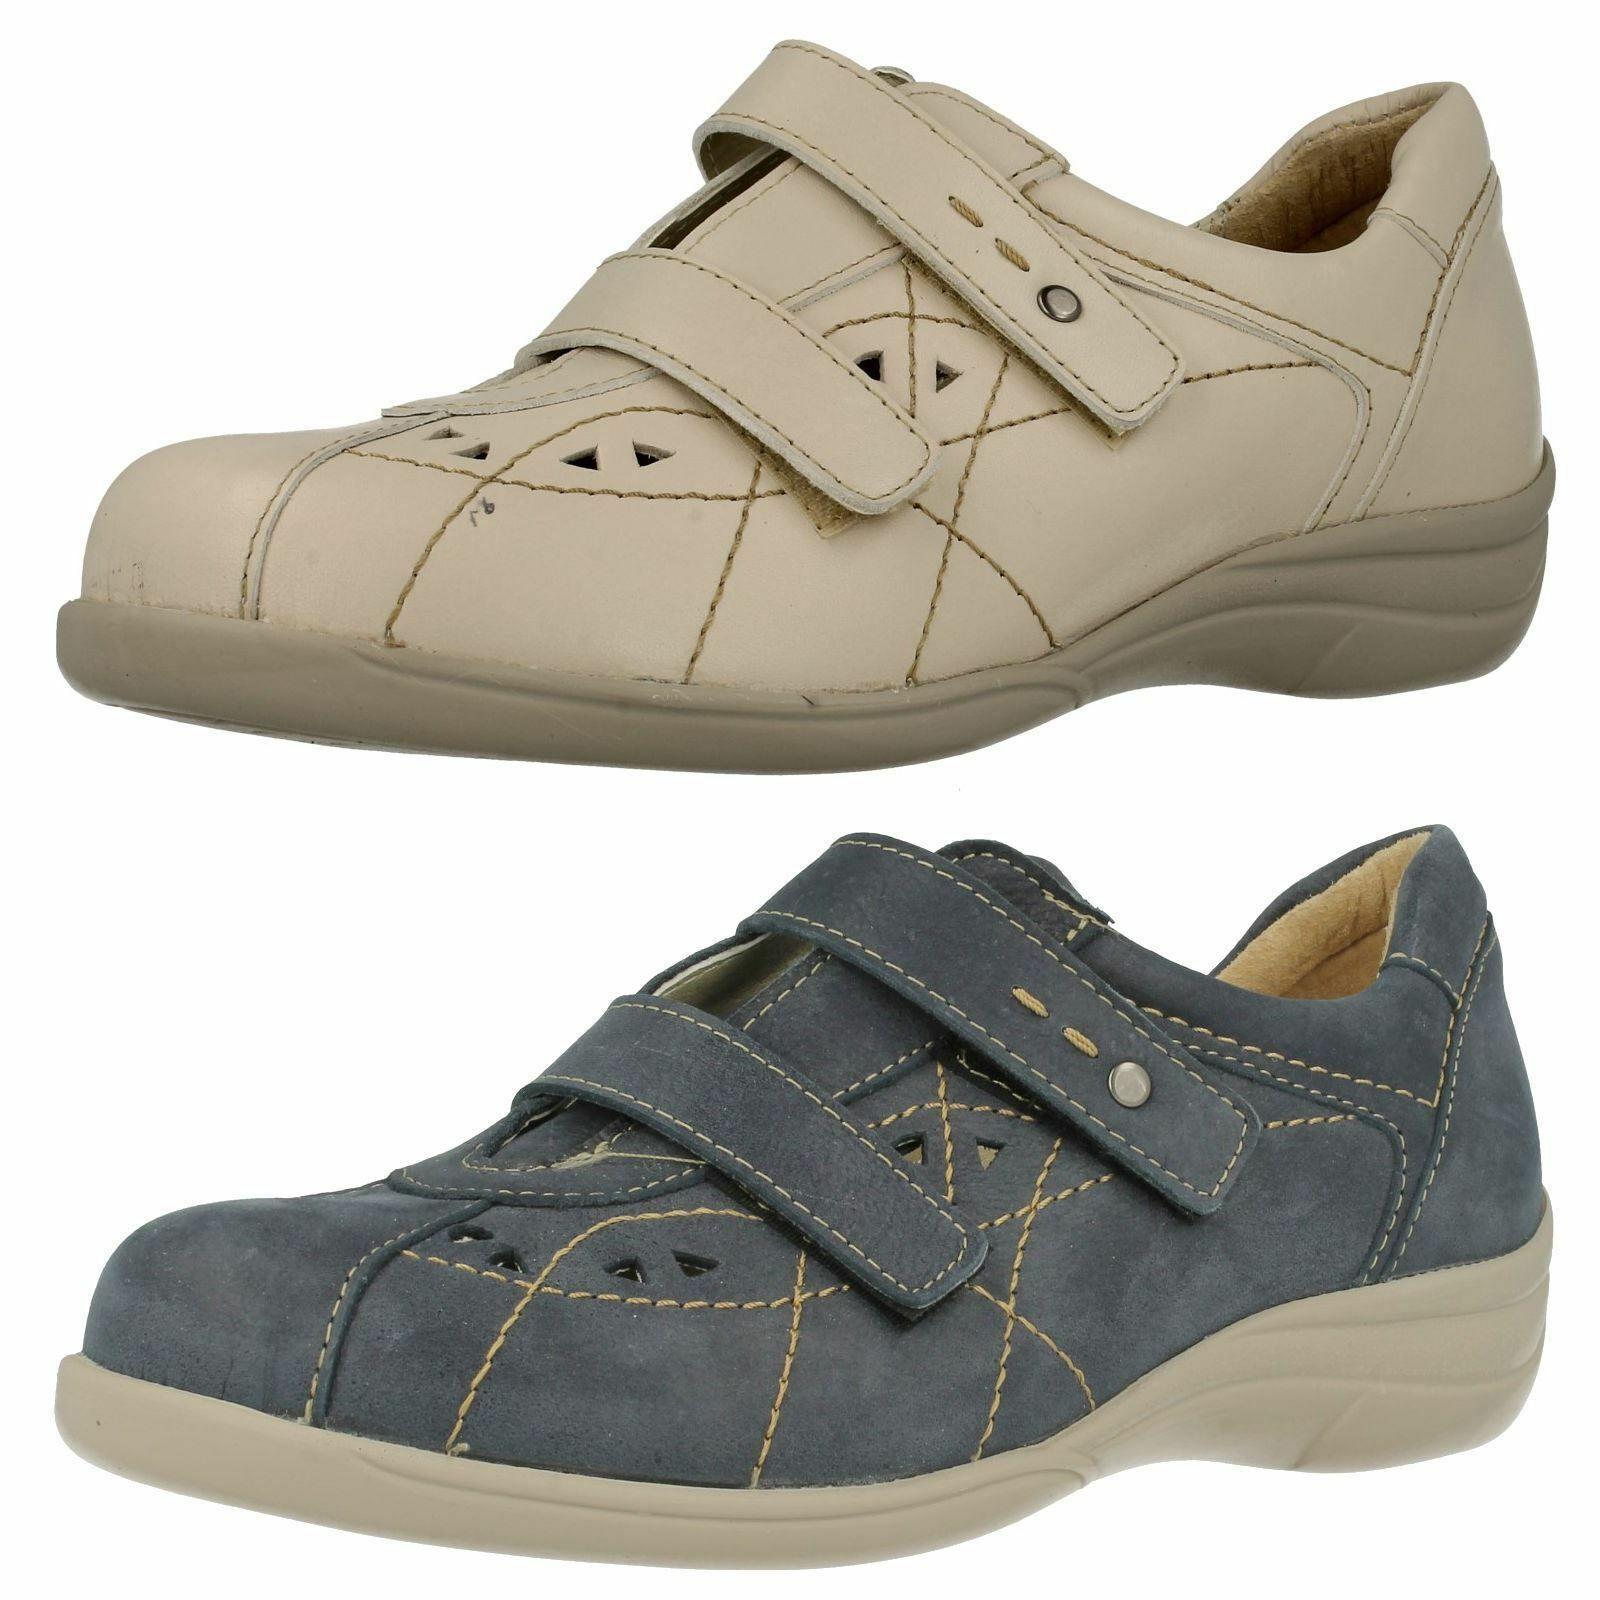 donna 6848  cynthia in pelle marina e -3e larghezza Fit DB scarpe facile vendita  più ordine